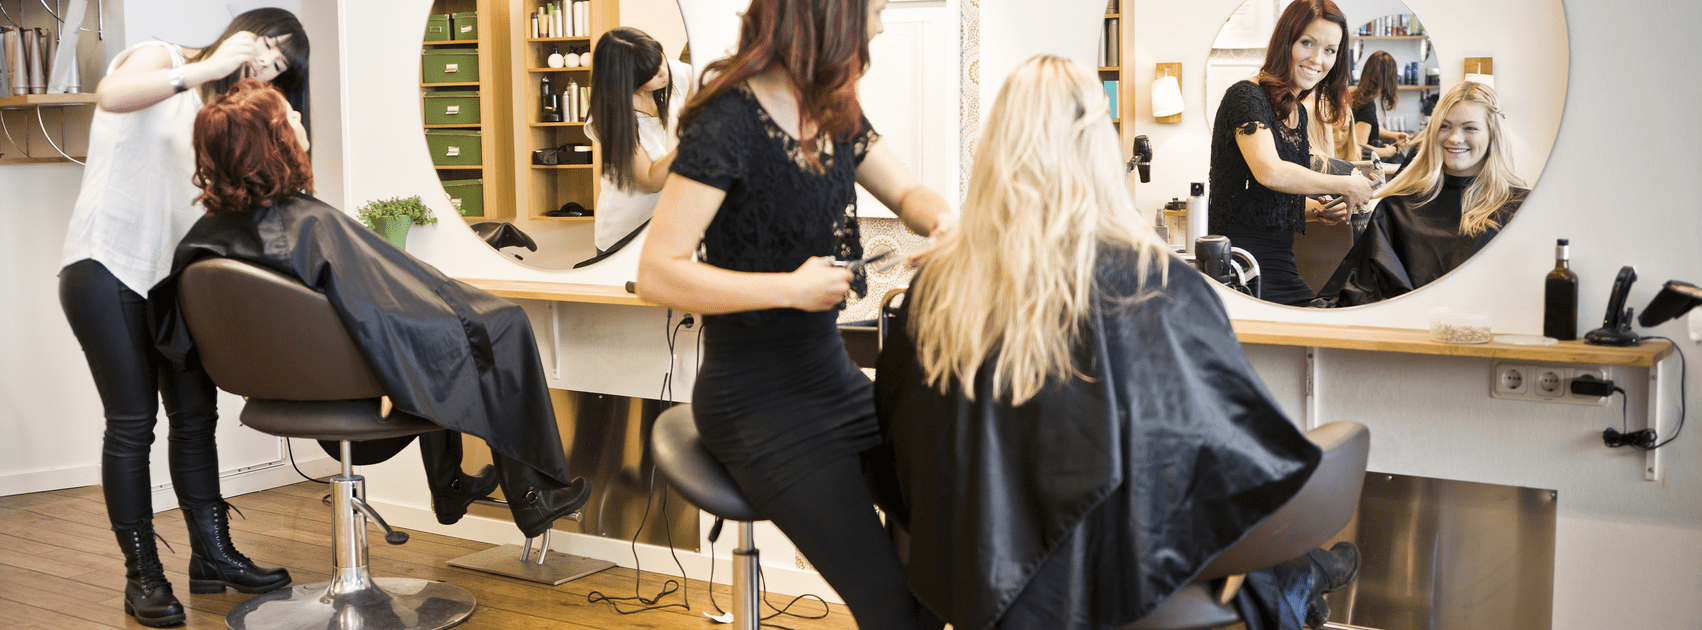 Как привлечь клиентов в парикмахерскую, автор Киевстар | Kyivstar Business Hub, изображение №1